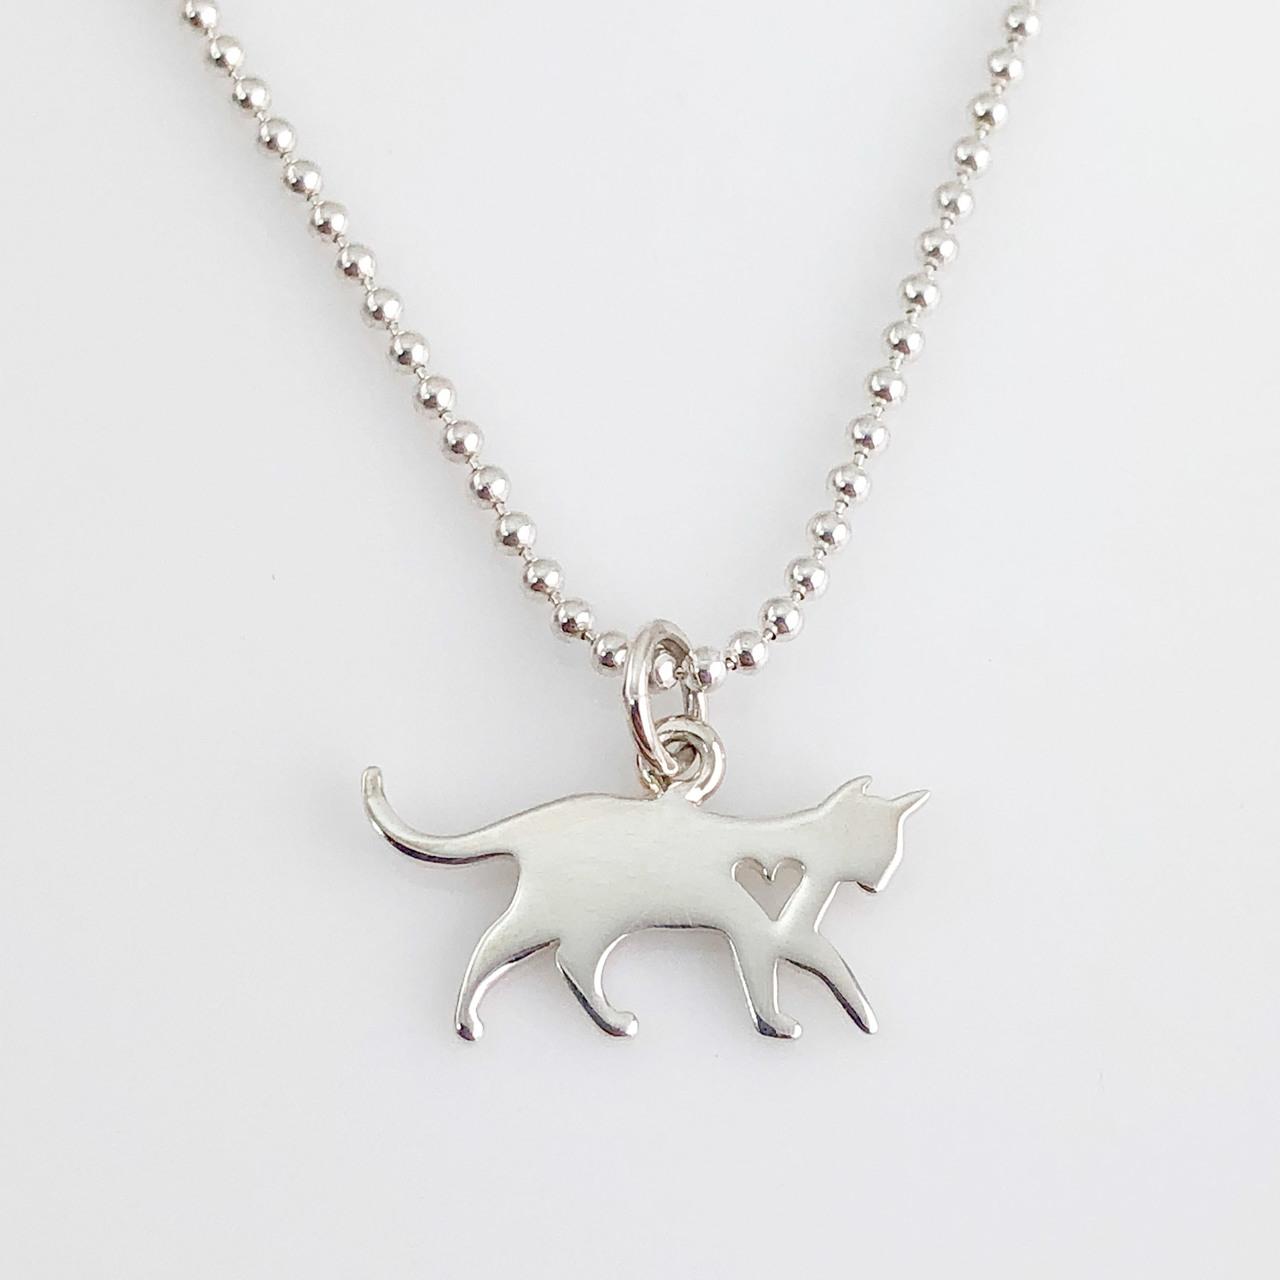 Cat Simple Charm Necklace - Cat Necklace